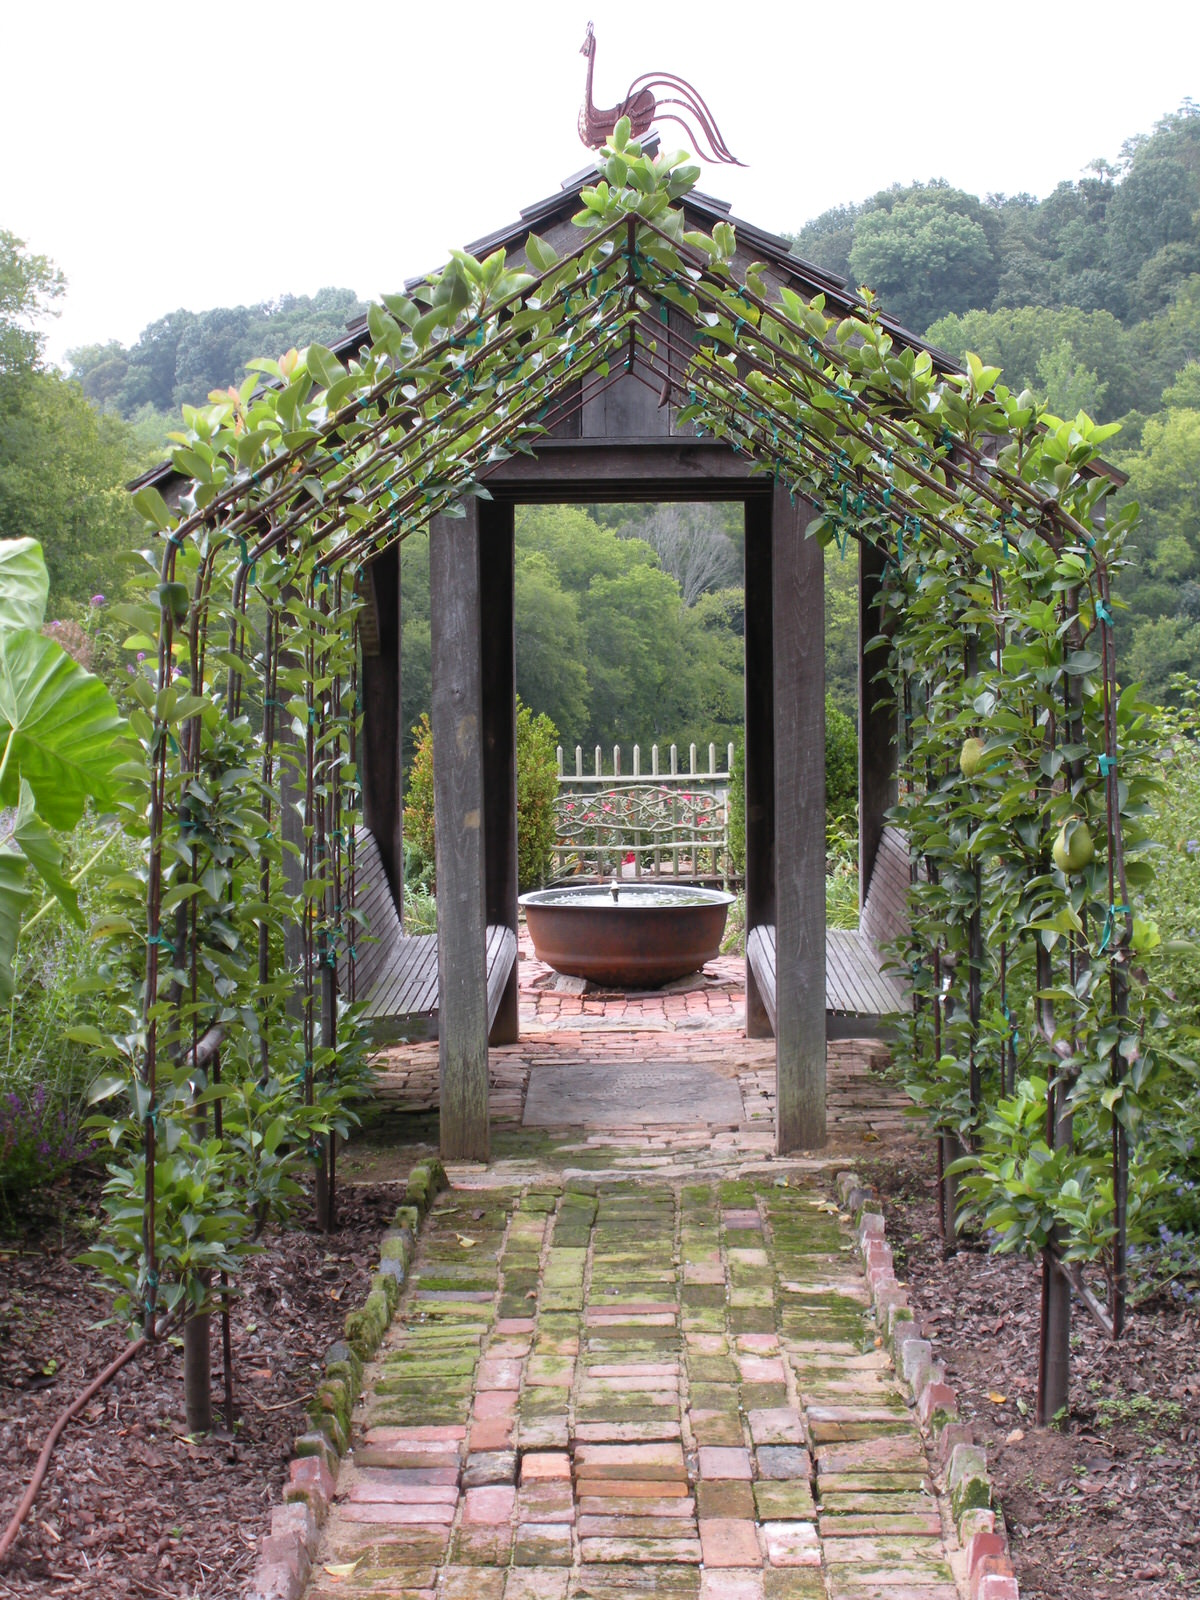 Justin Stelter Landscape Gardening - Espalier Installations - 2887086796_629e410b63_o.jpg